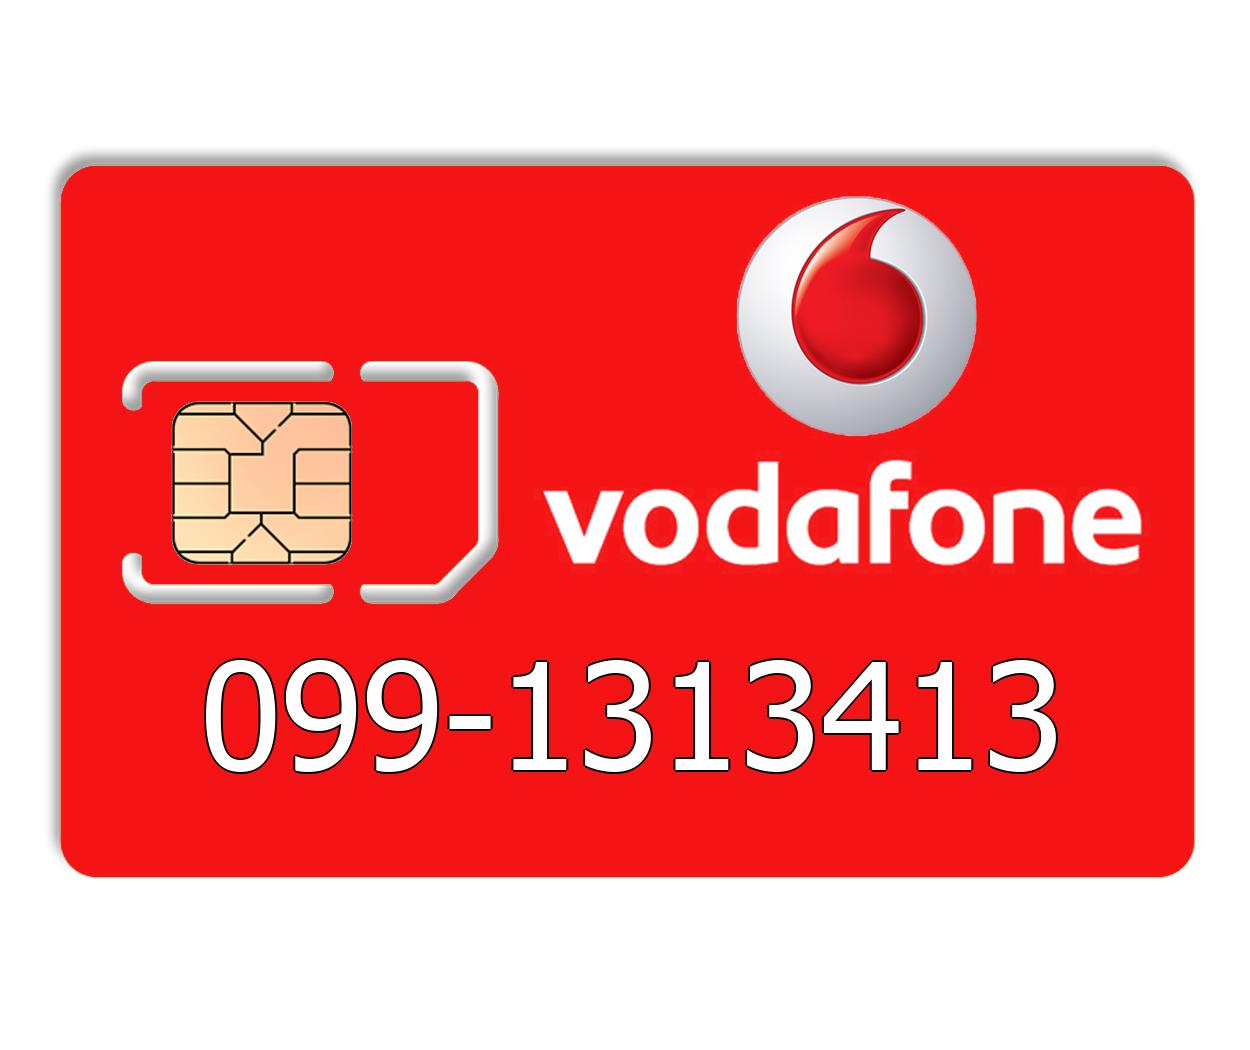 Красивый номер Vodafone 099-1313413